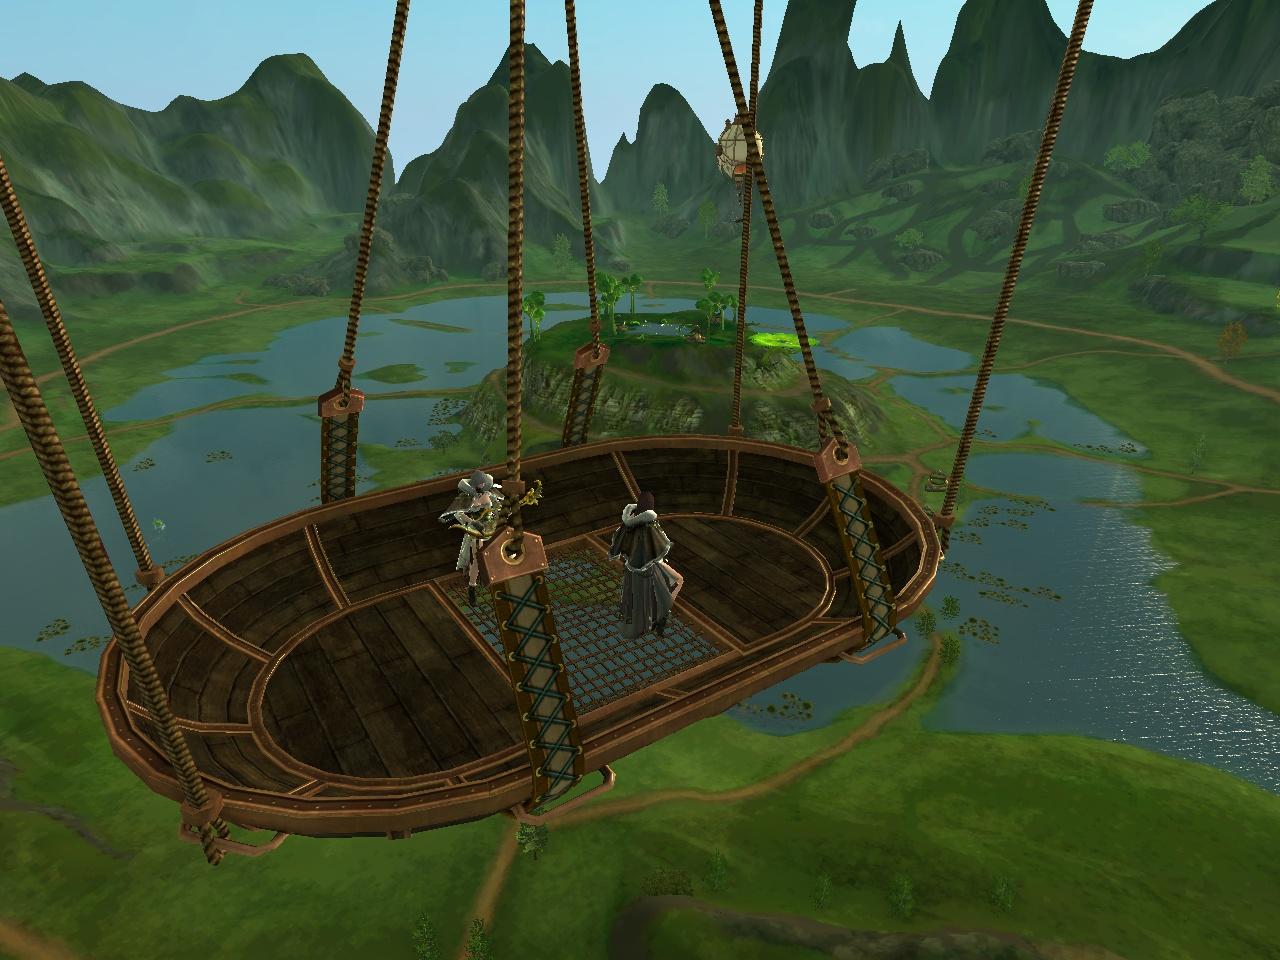 ハヌイの気球